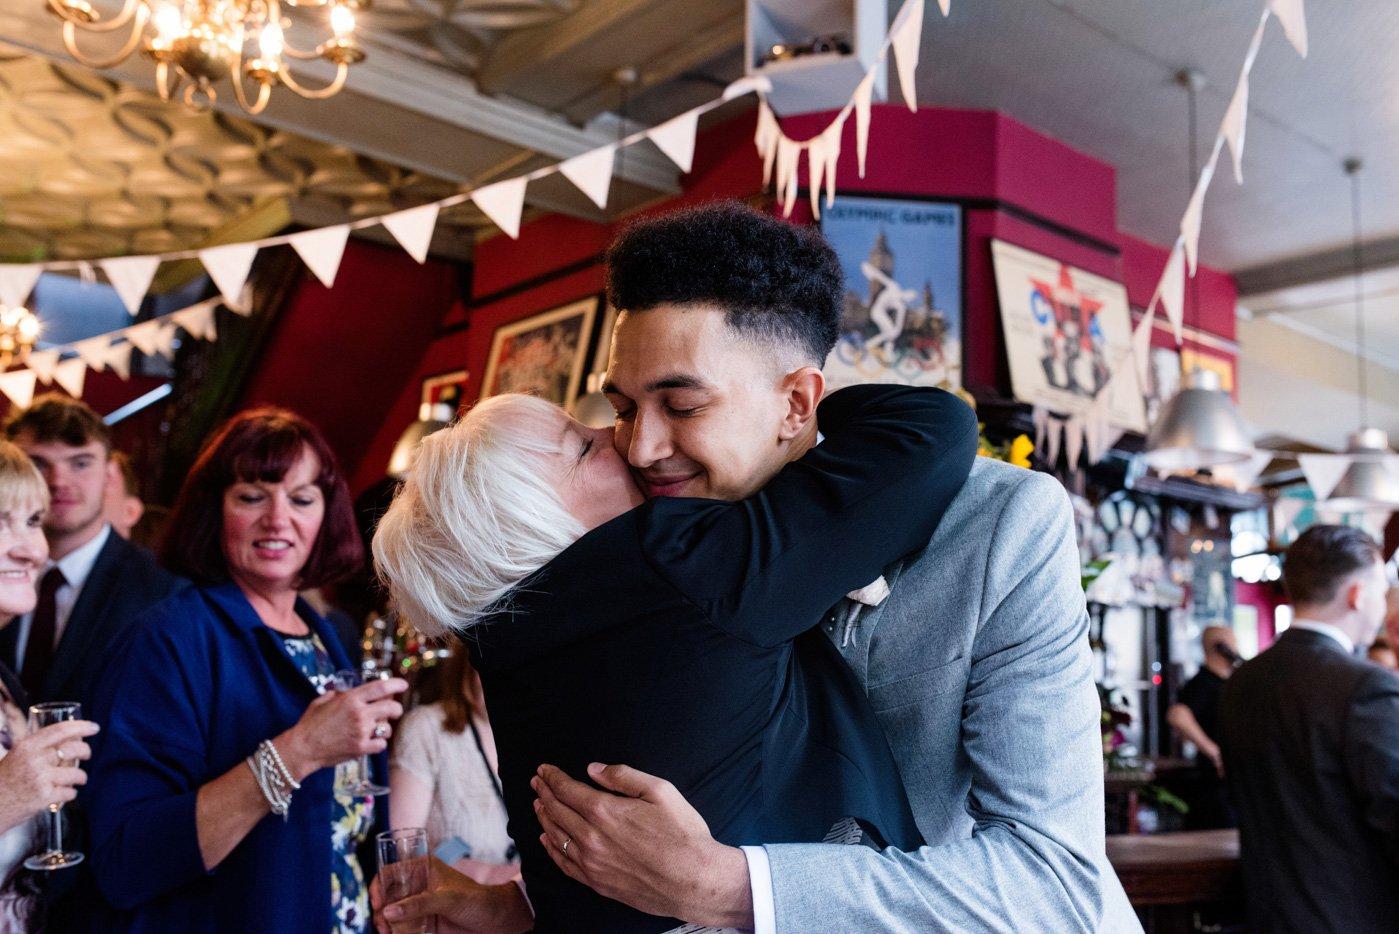 Cuddles with groom at London pub wedding